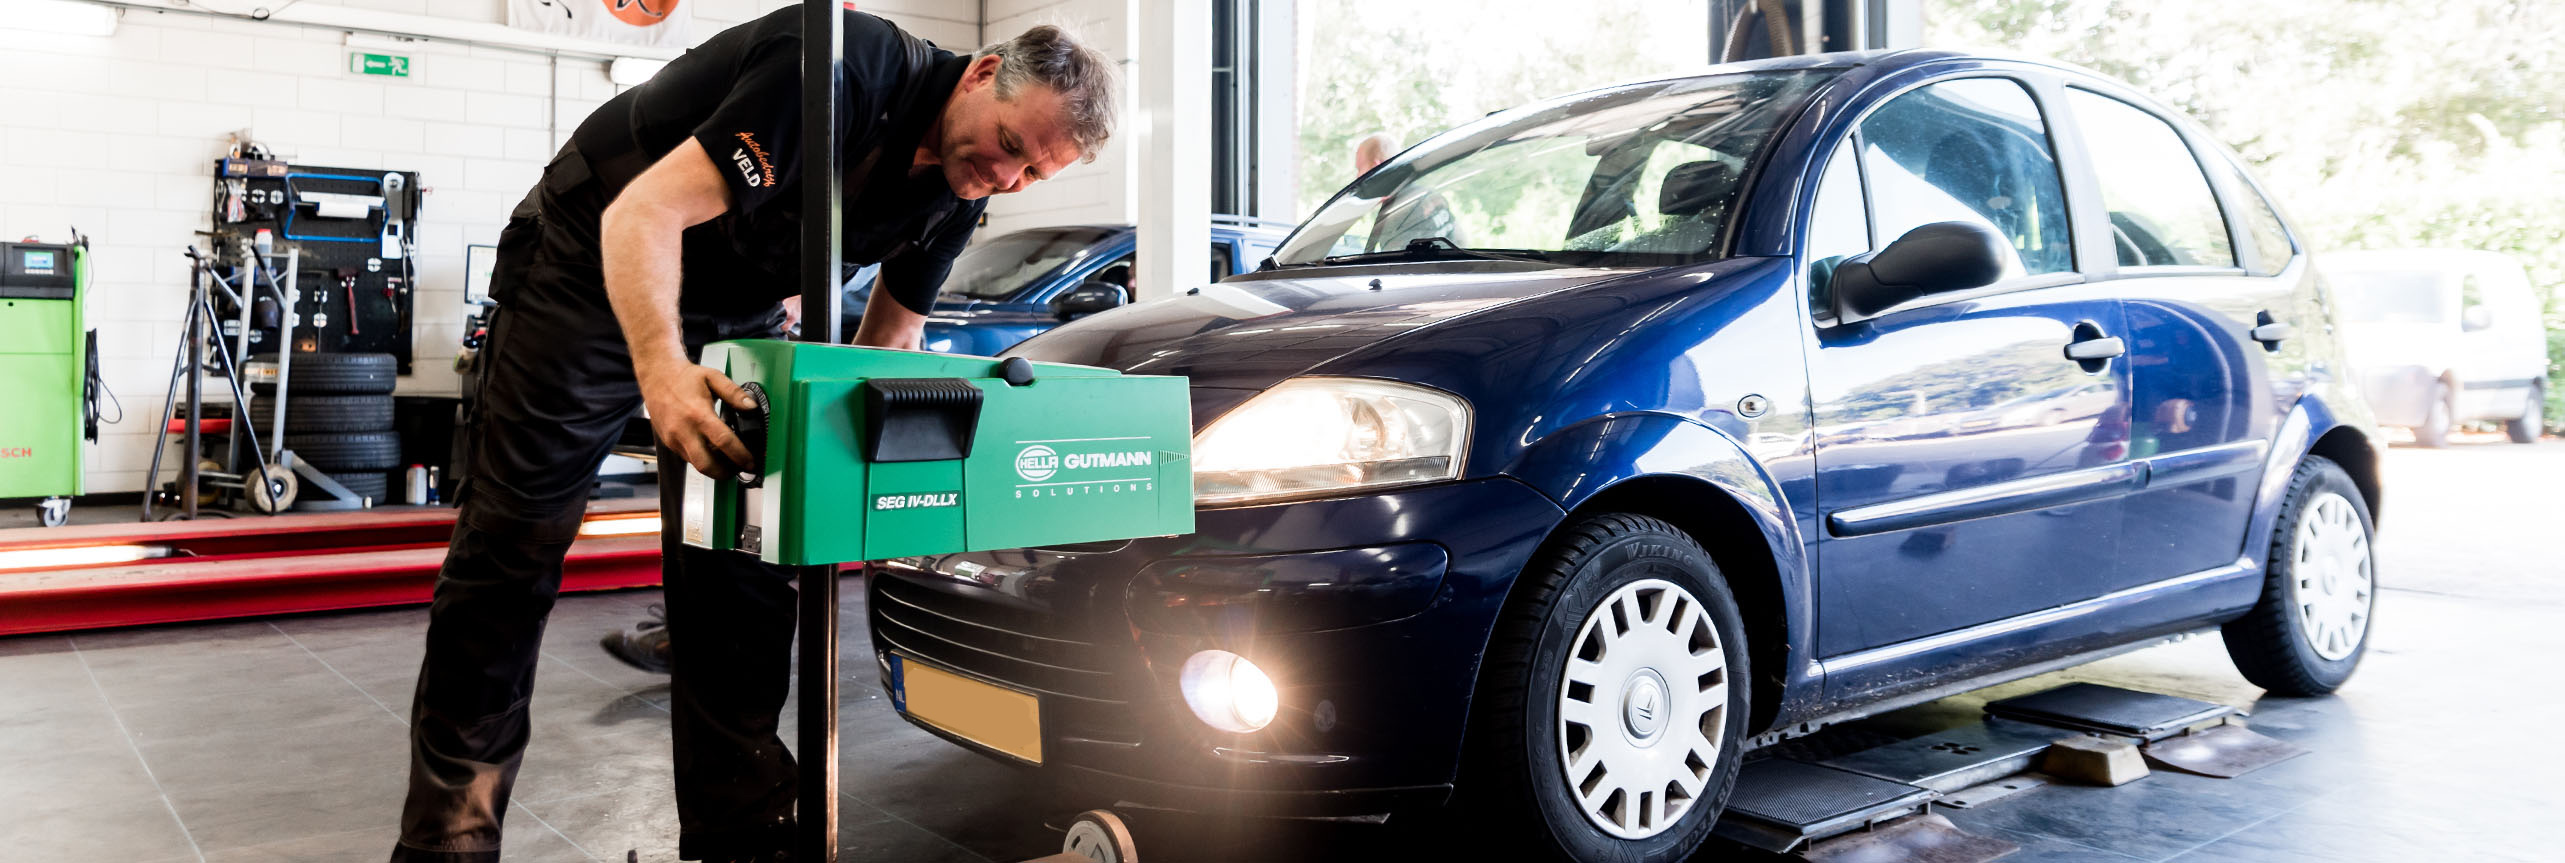 APK en onderhoud autobedrijf Veld in Steenwijk Kallekote